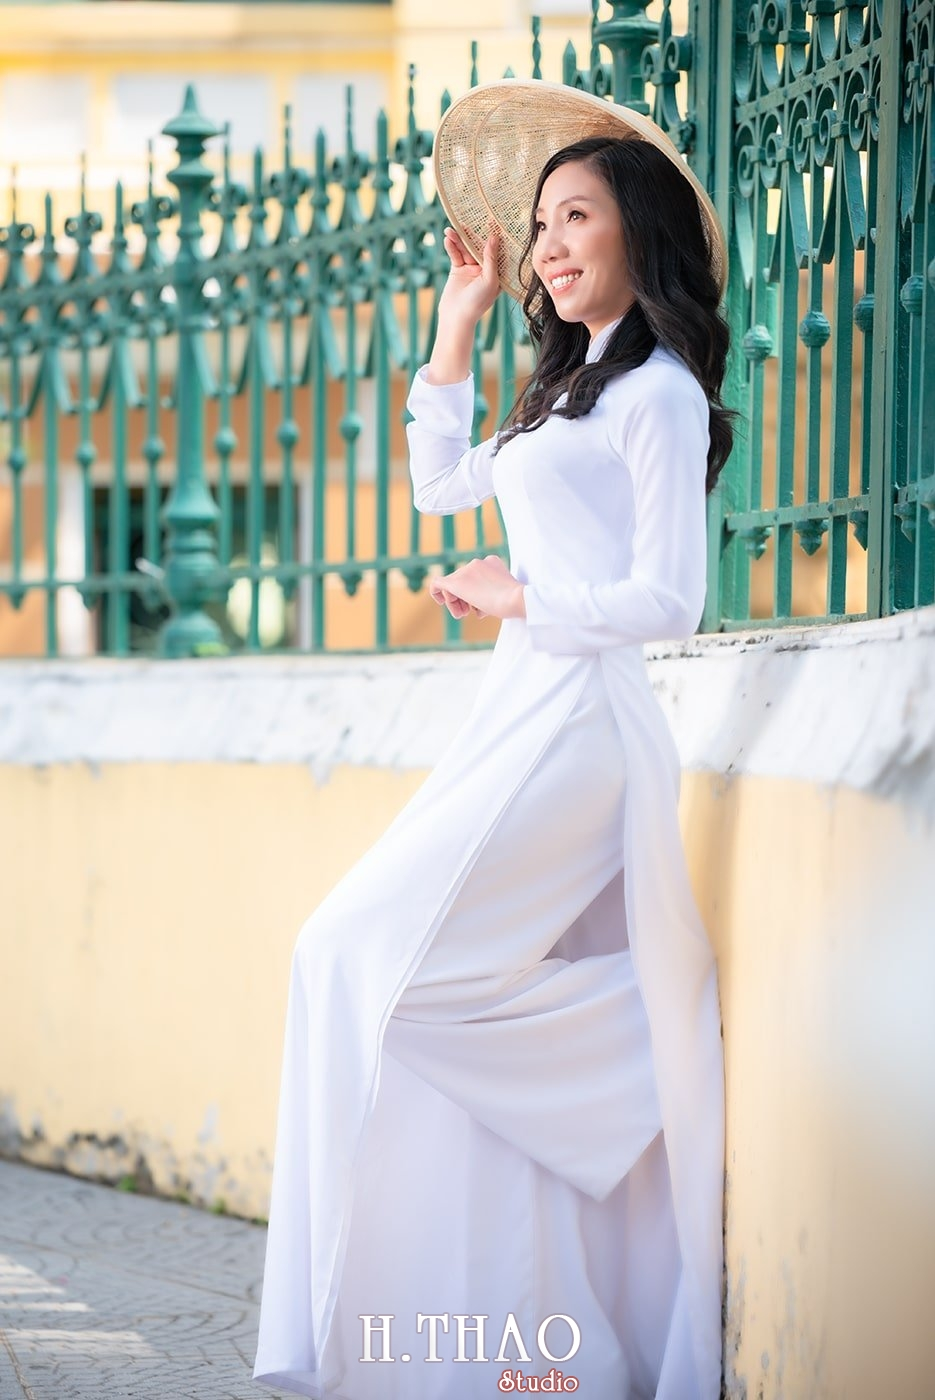 Ao dai nha tho duc ba 28 - Tổng hợp album ảnh áo dài chụp tại nhà thờ Đức Bà - HThao Studio